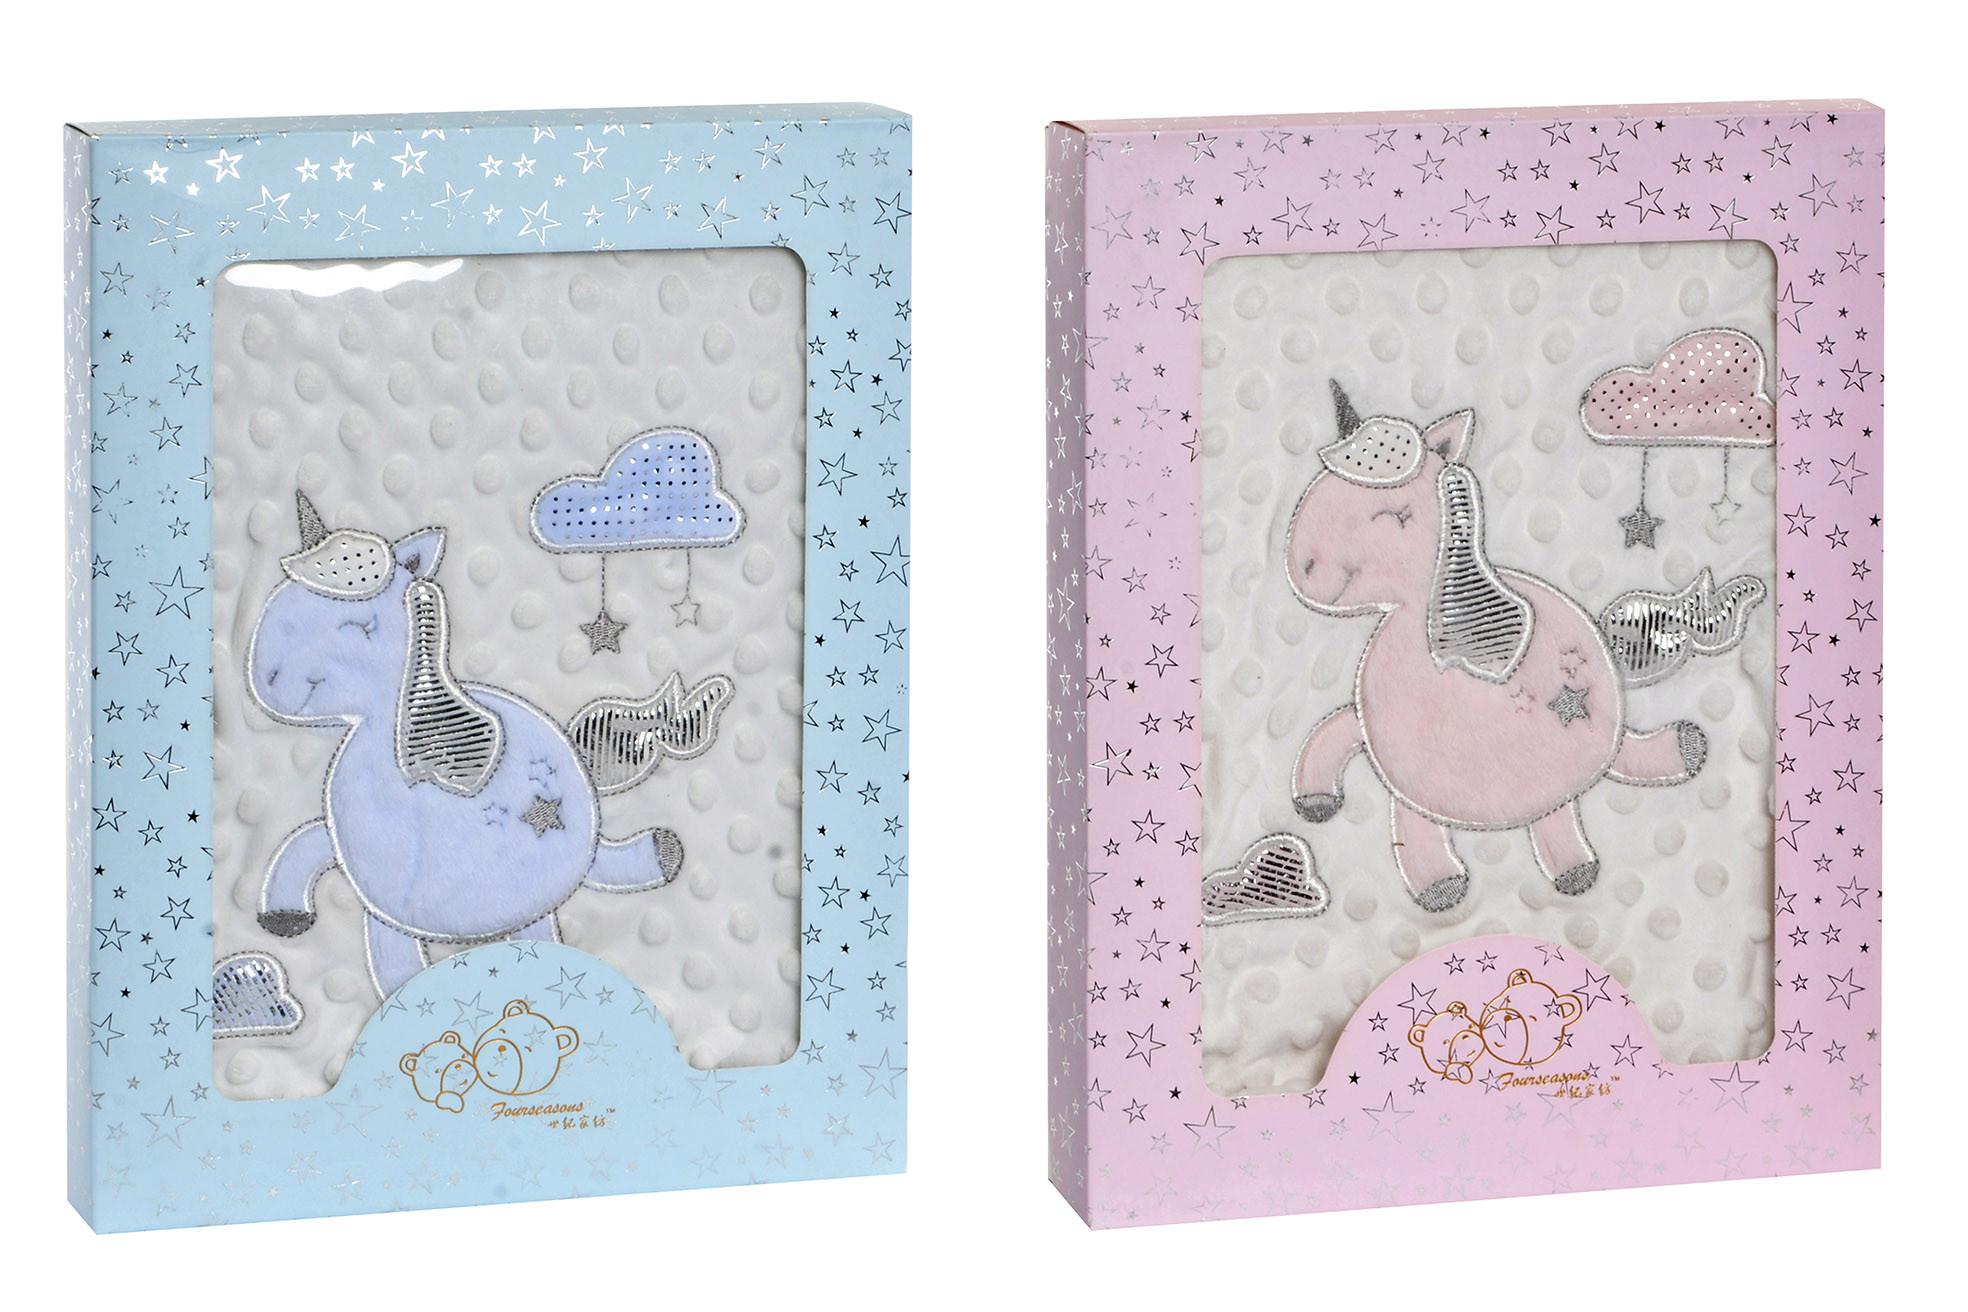 Manta Infantil con Tacto Agradable, Manta con Estampado de Unicornio, Manta para cuna, 100x75cm - Hogar y Más